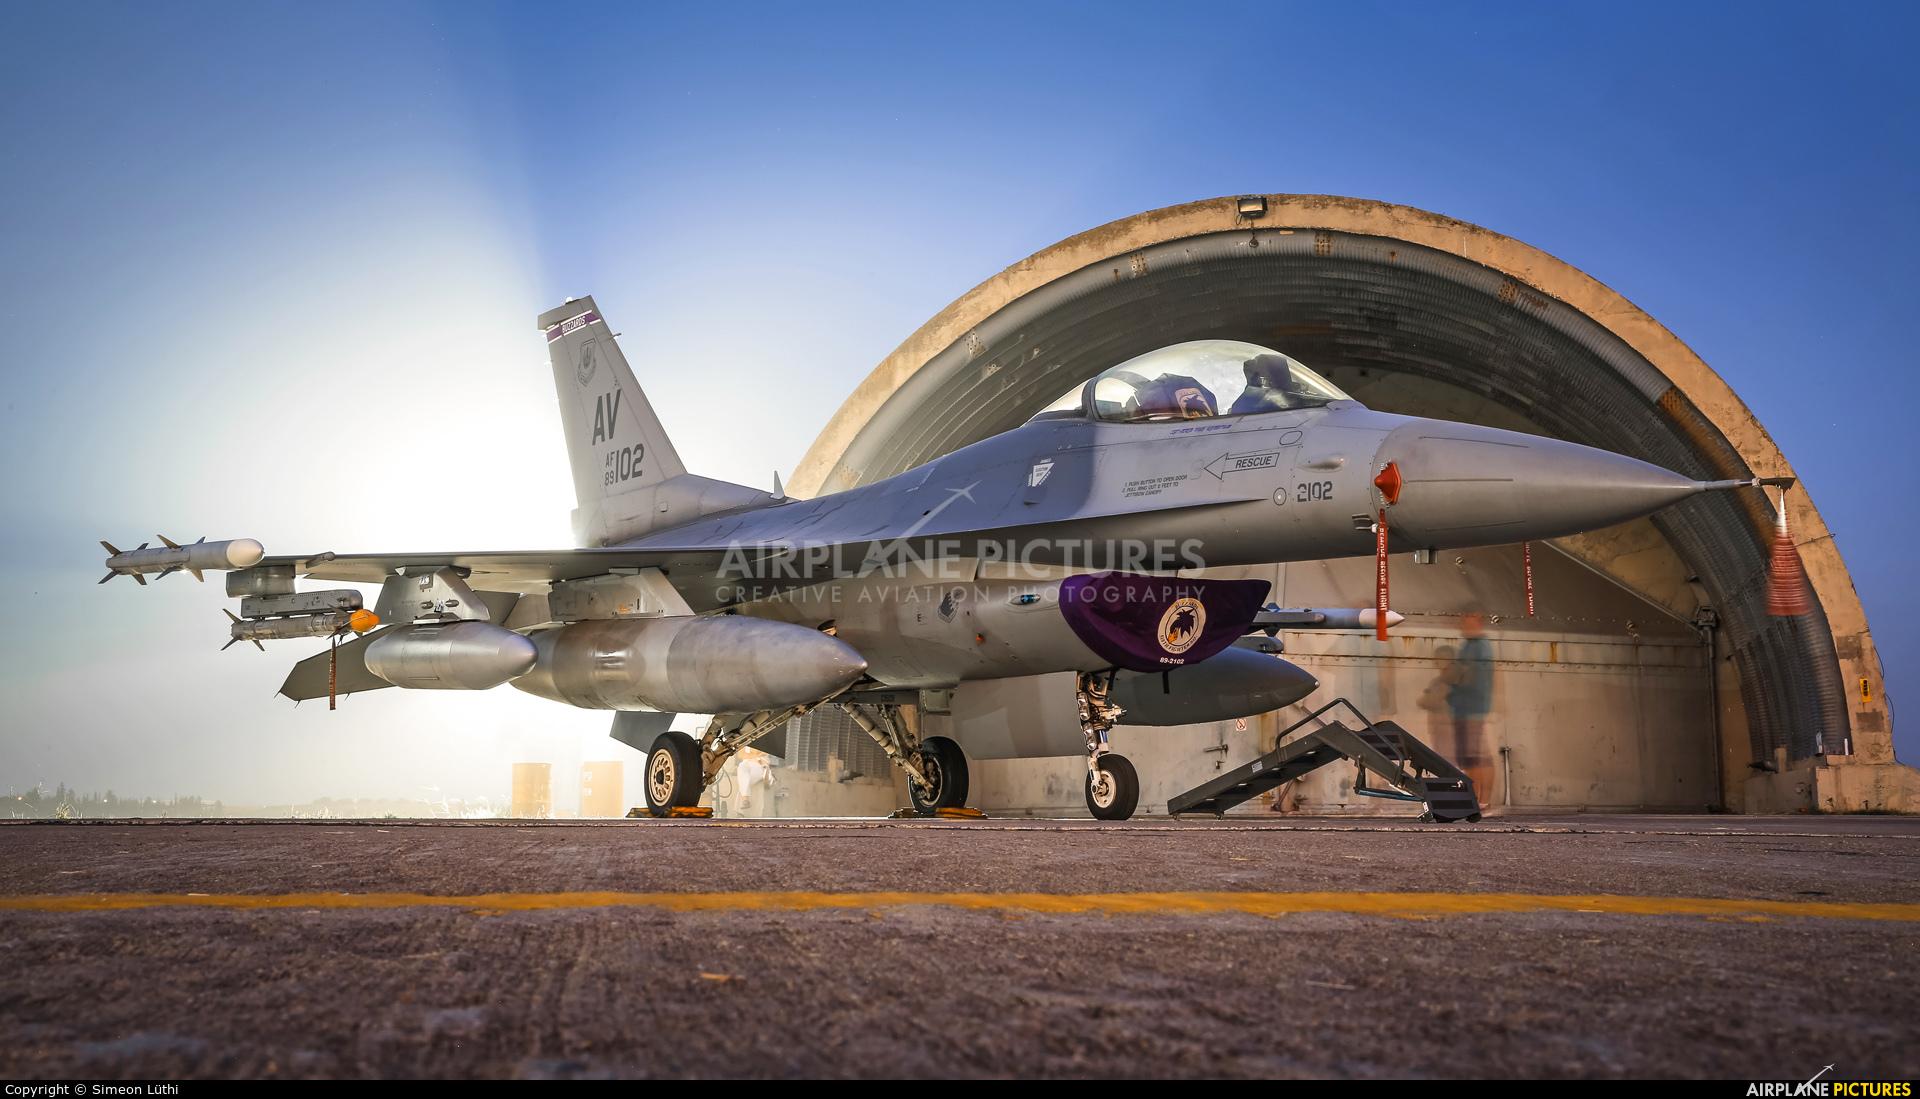 USA - Air Force 89-0102 aircraft at Tanagra